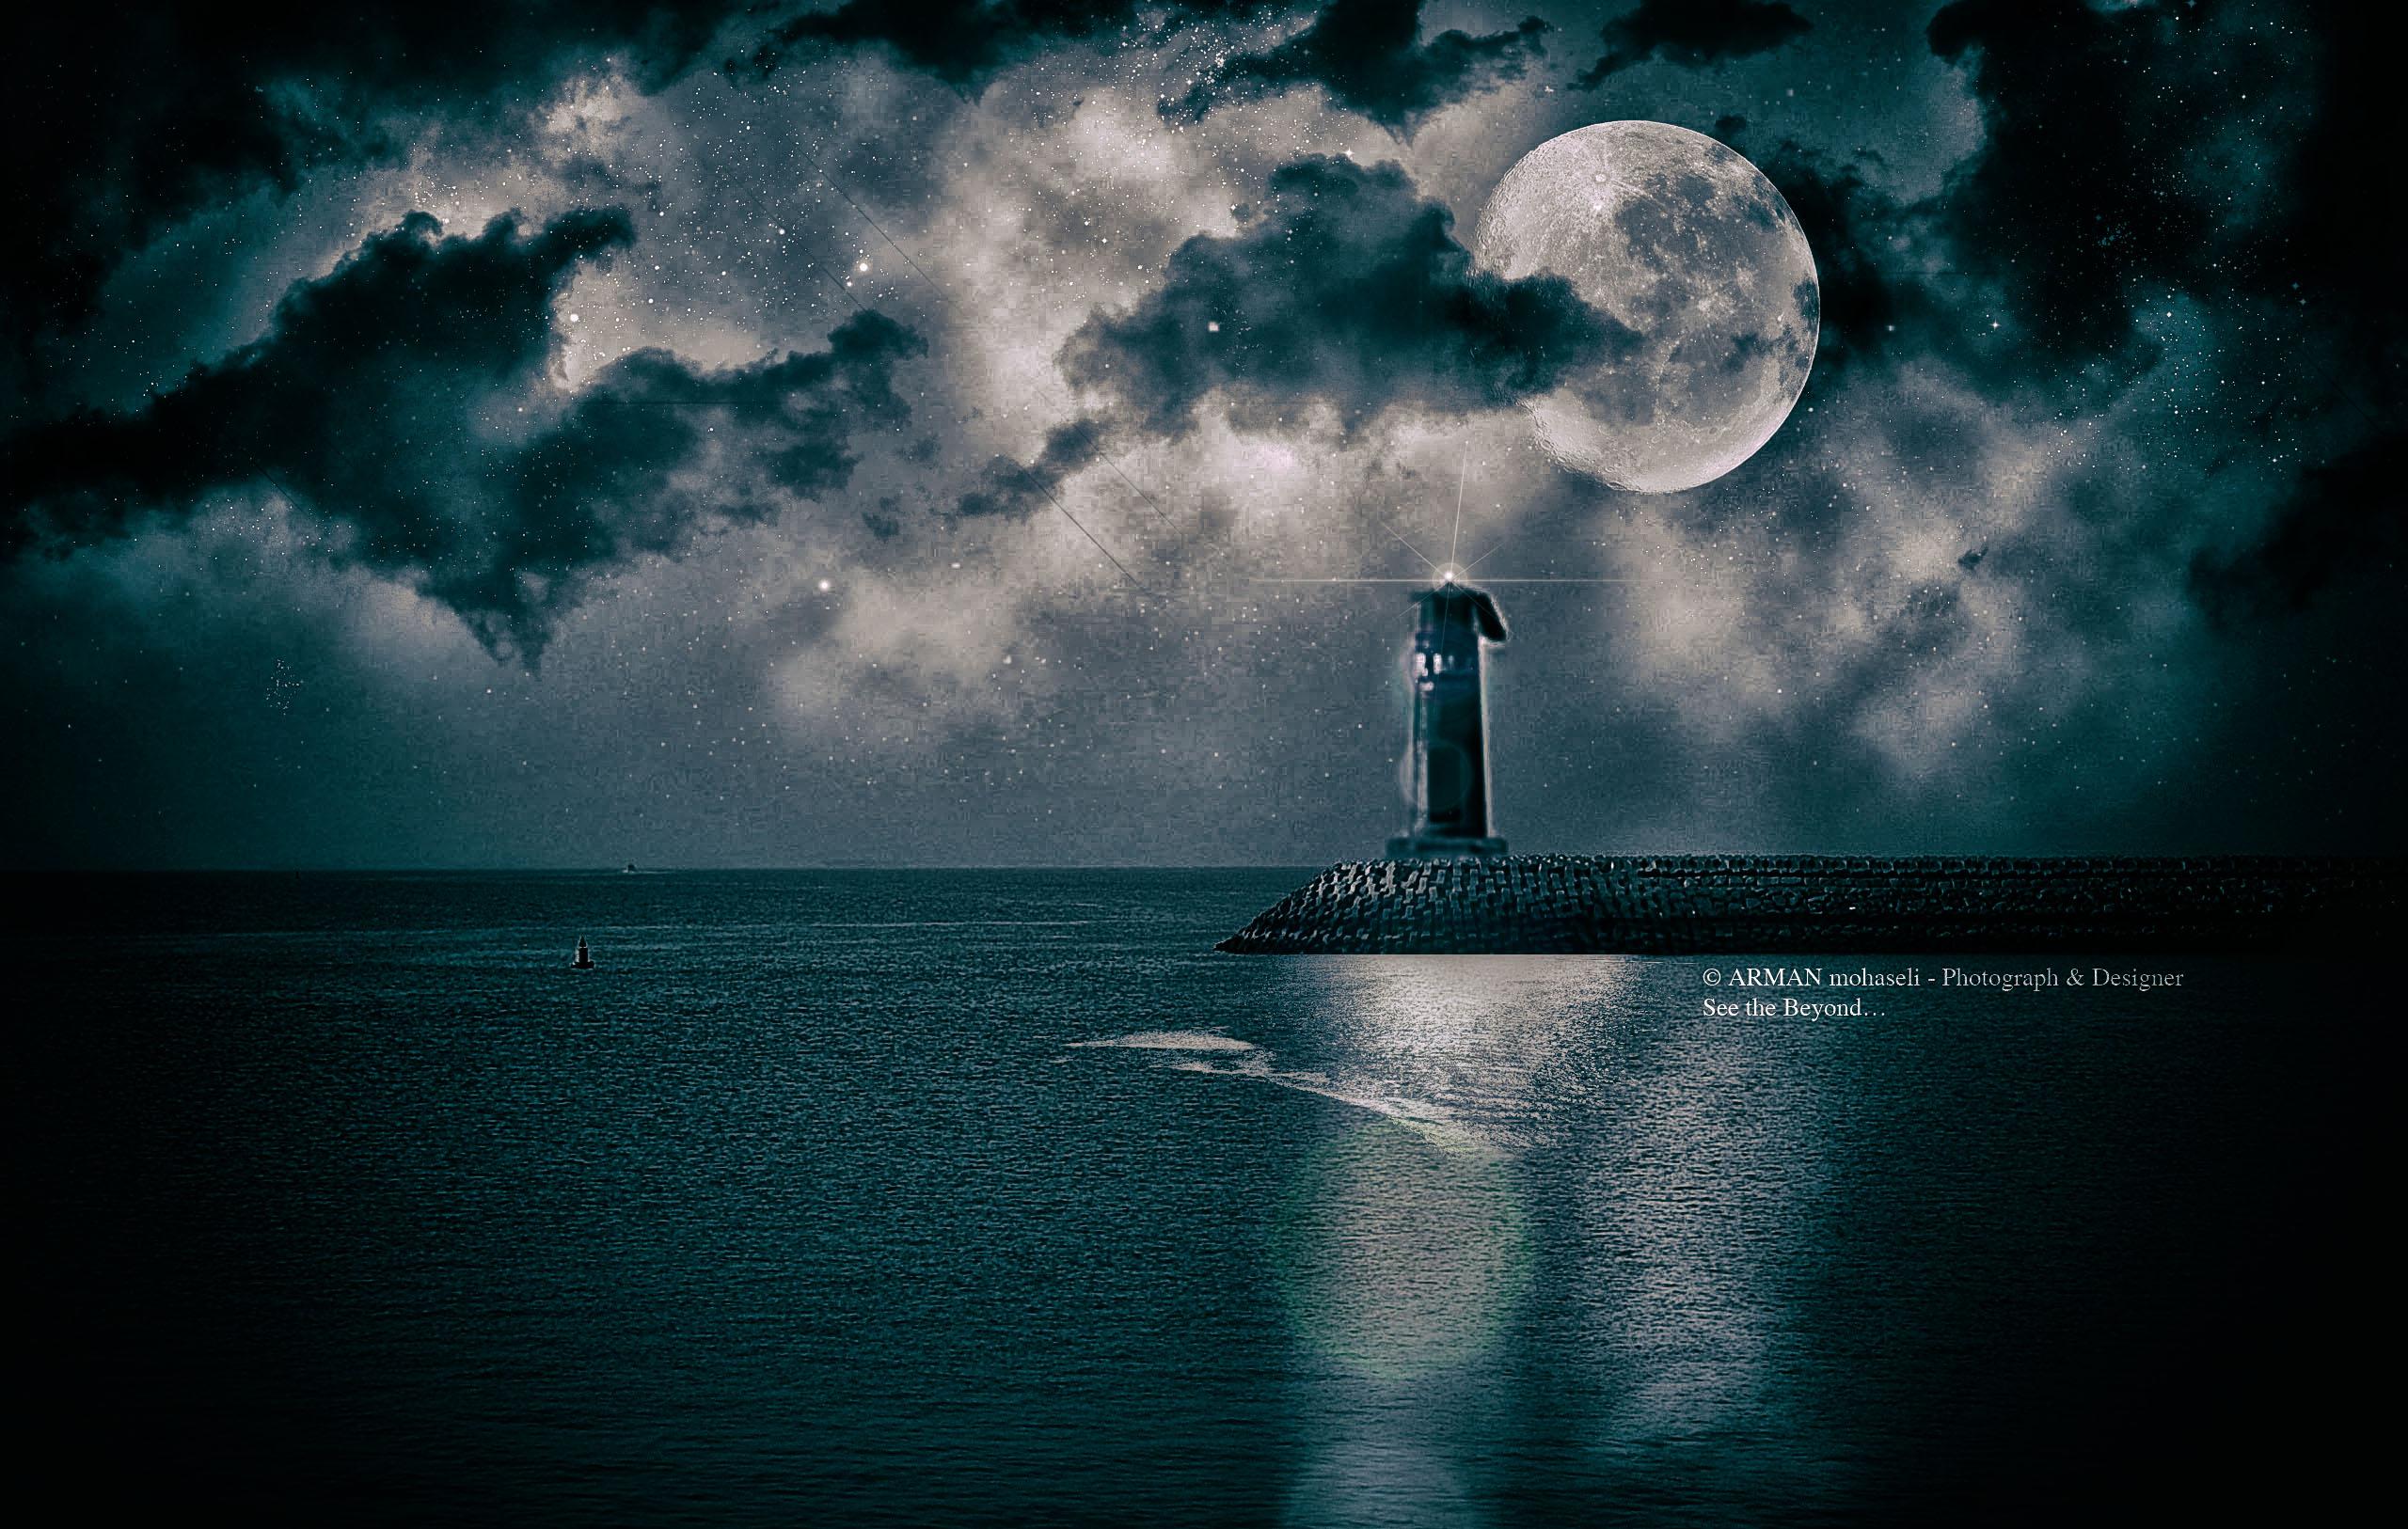 Immagini Belle Luce Casa Cielo Mare Atmosfera Chiaro Di Luna